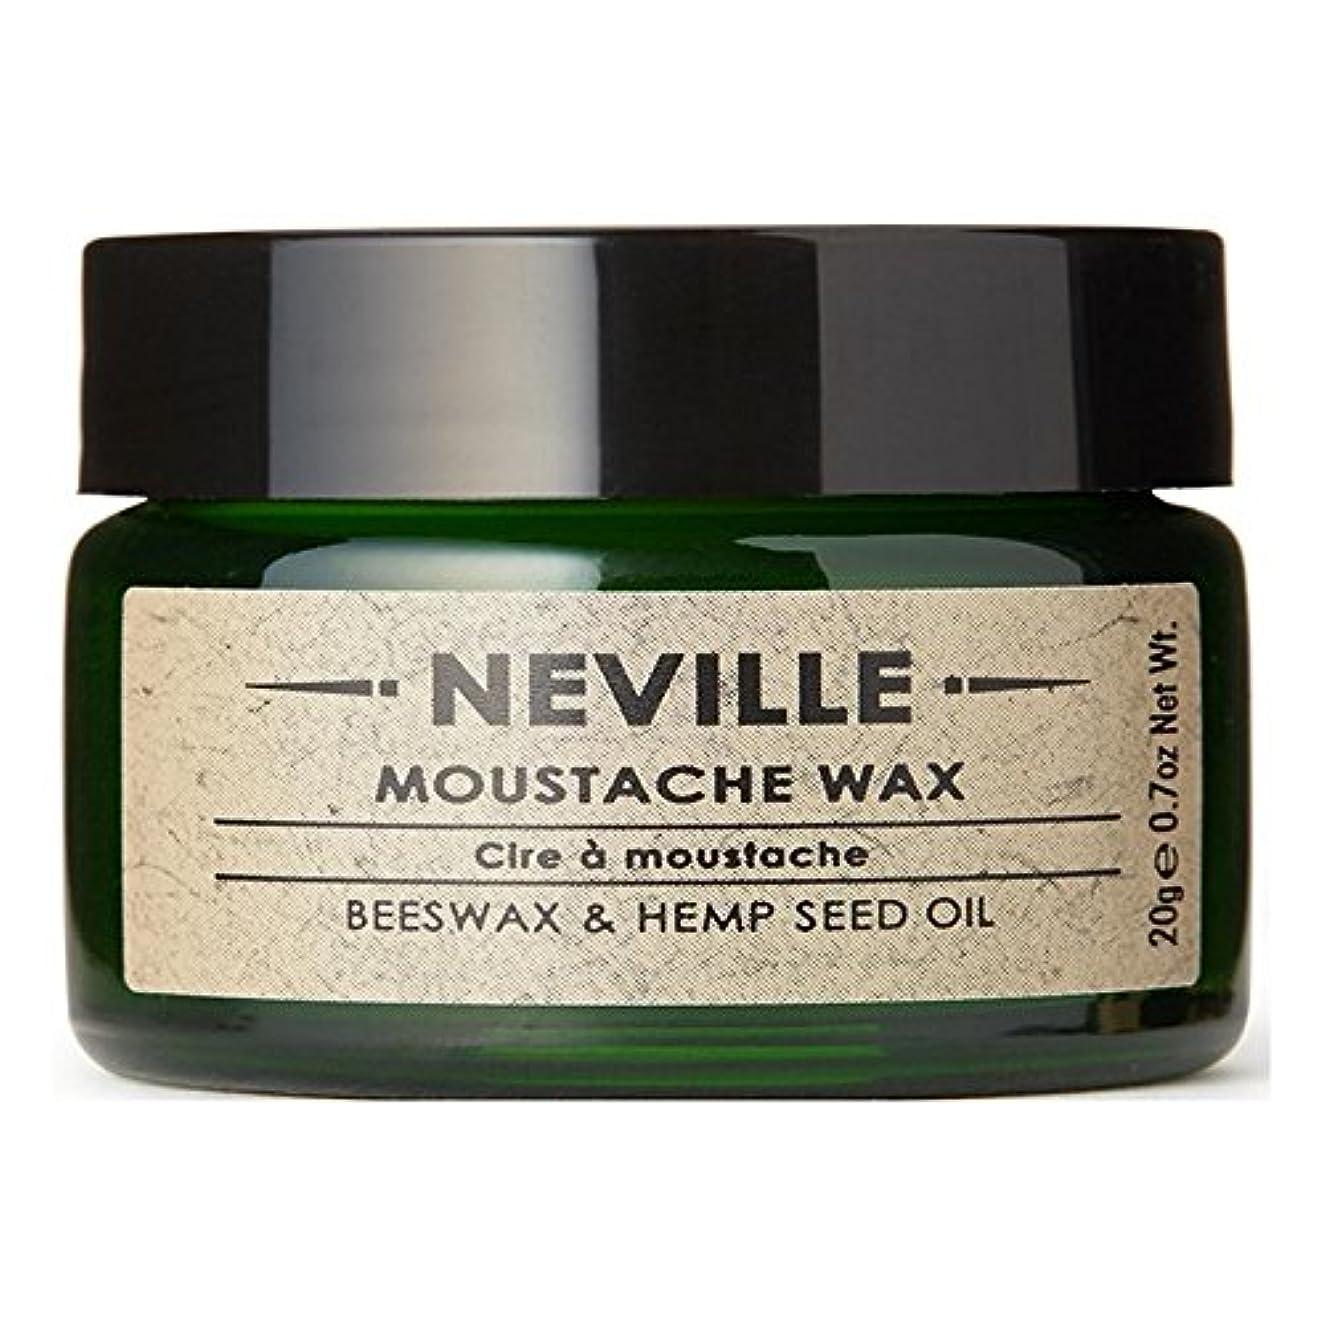 外交問題きしむかなりのネビル口ひげワックス x2 - Neville Moustache Wax (Pack of 2) [並行輸入品]